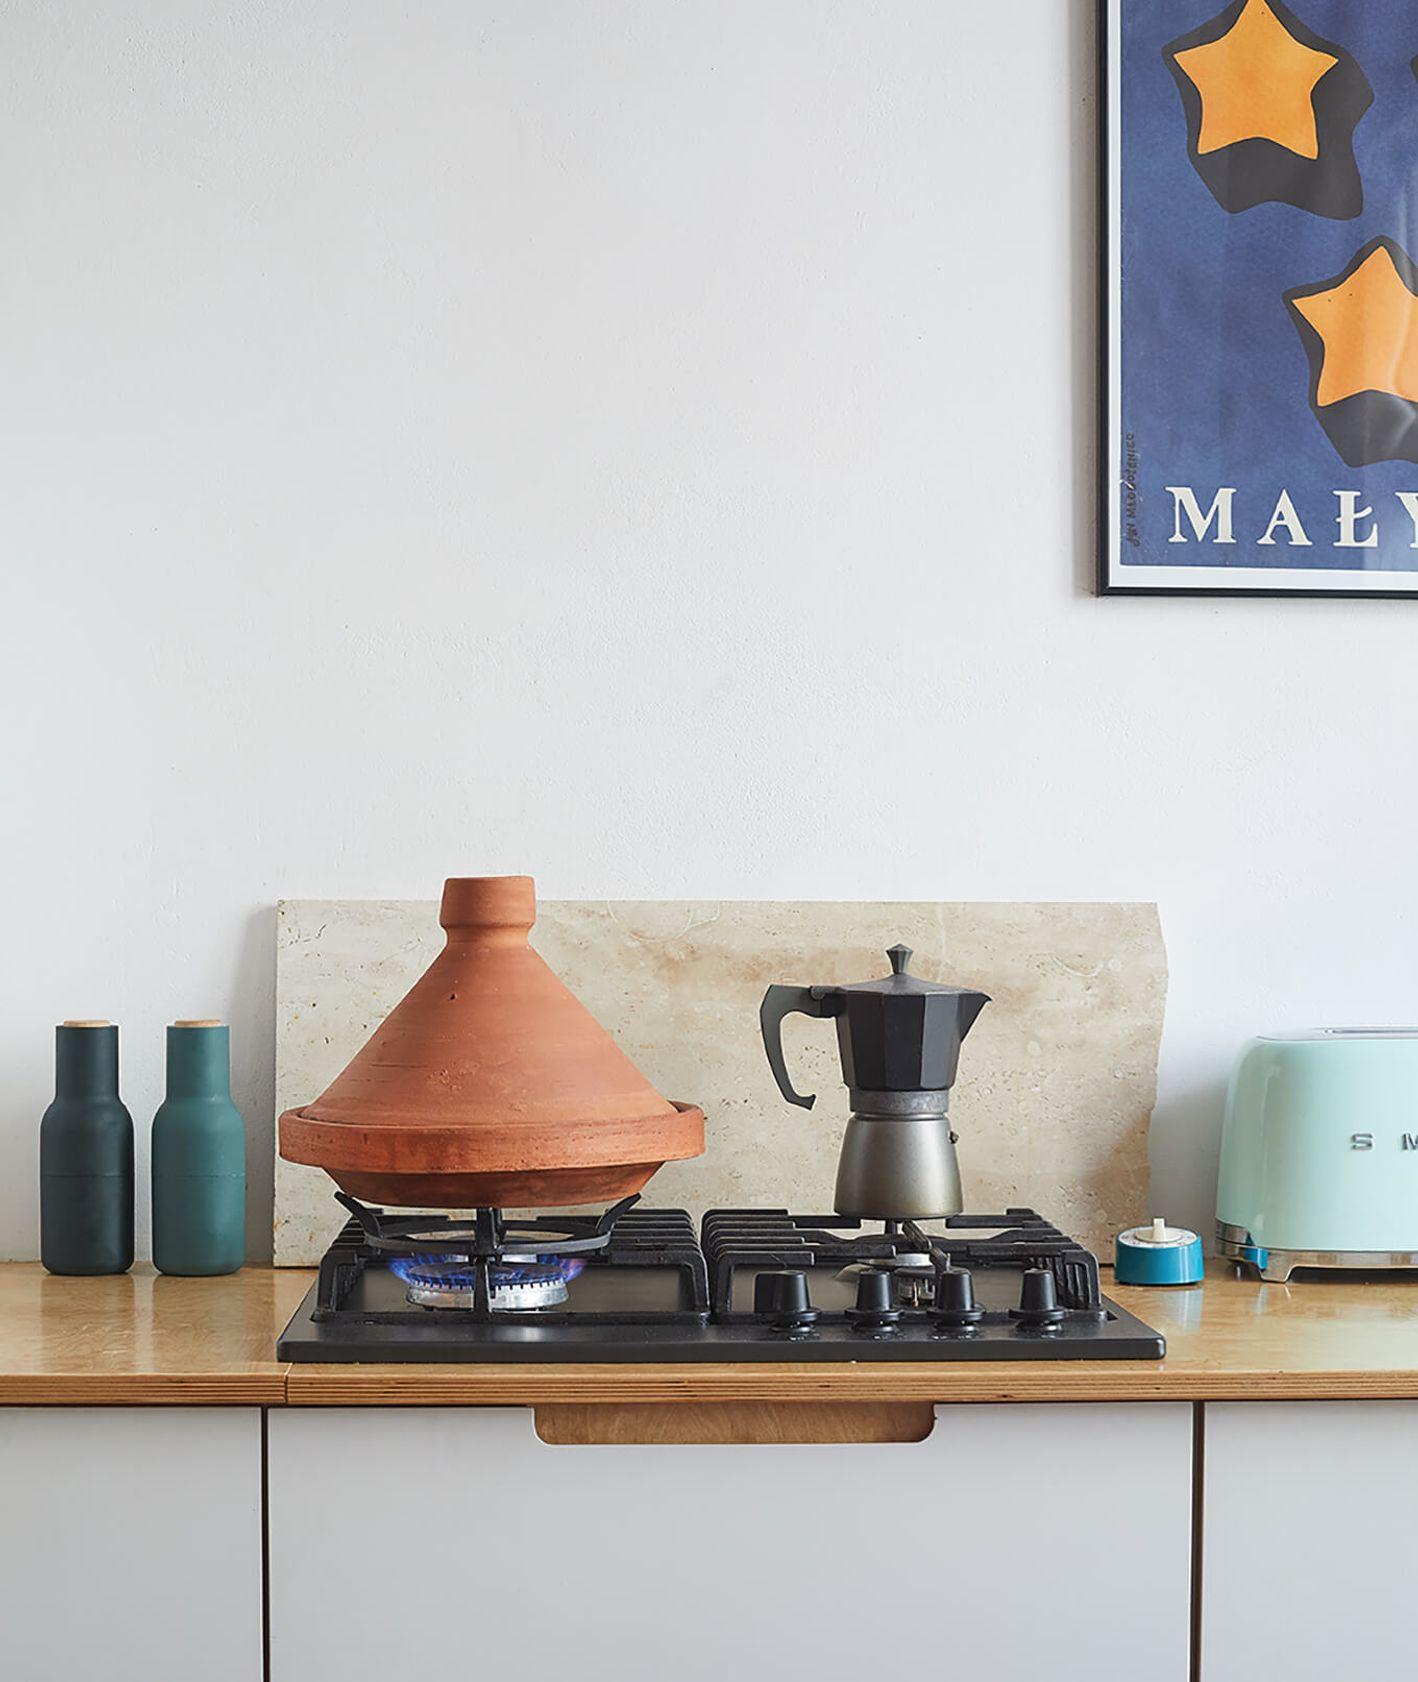 Tadżin stojący na kuchence